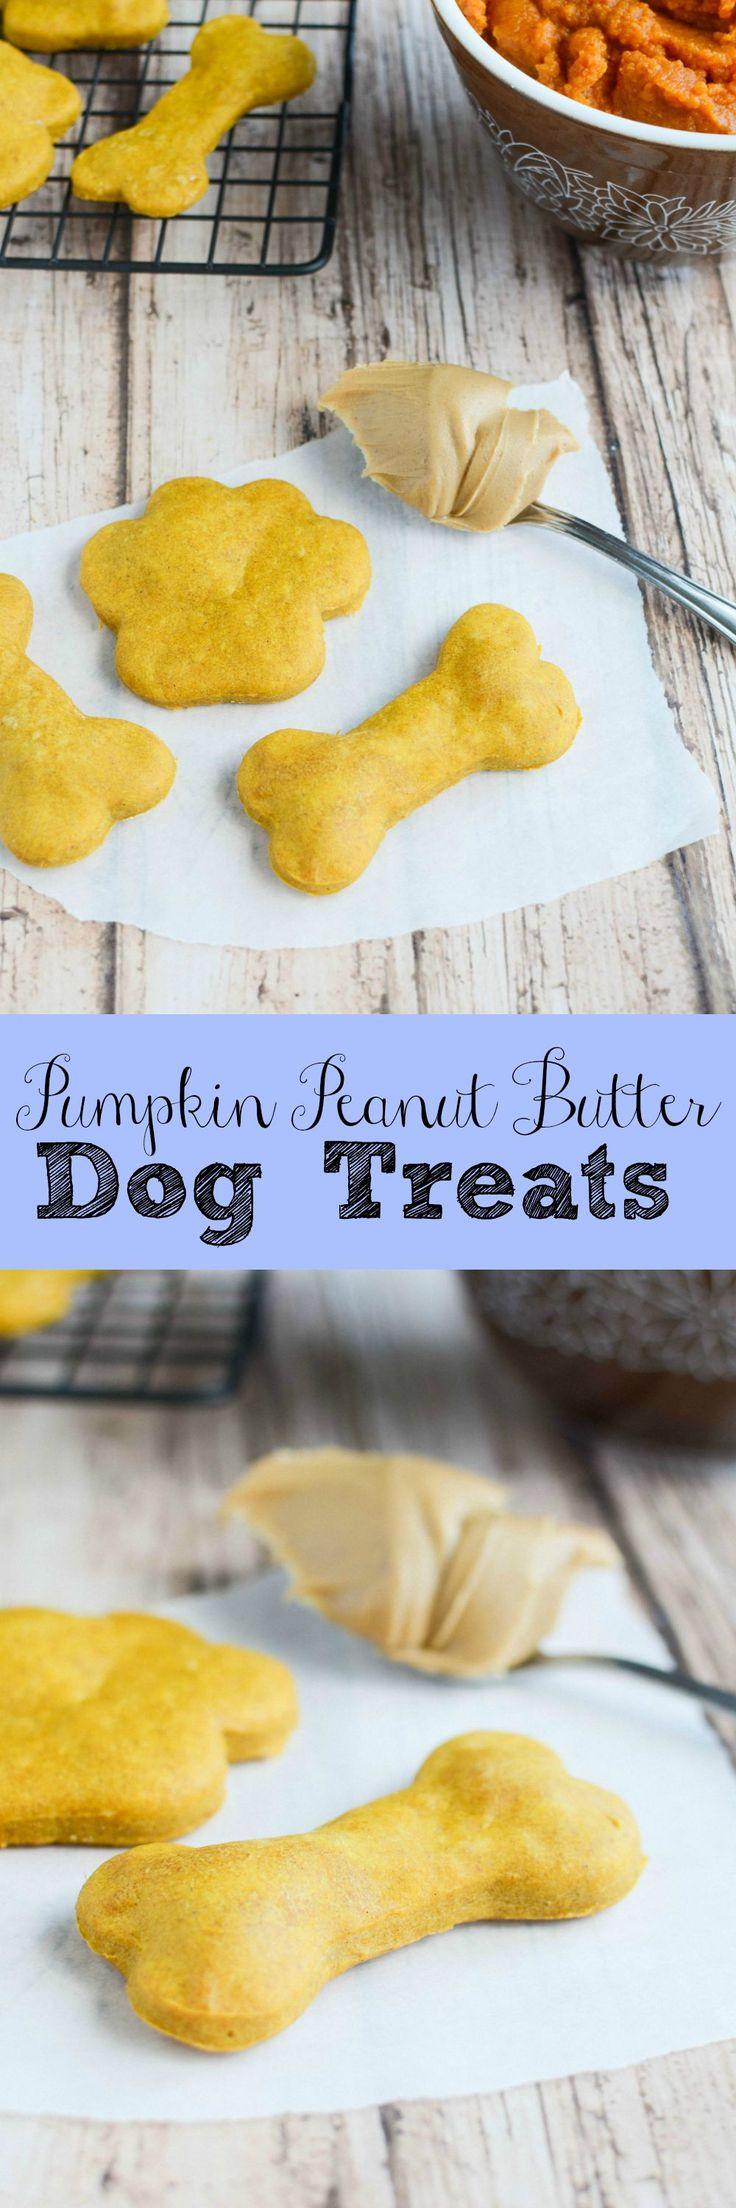 best dog treats images on pinterest dog treats dog food and